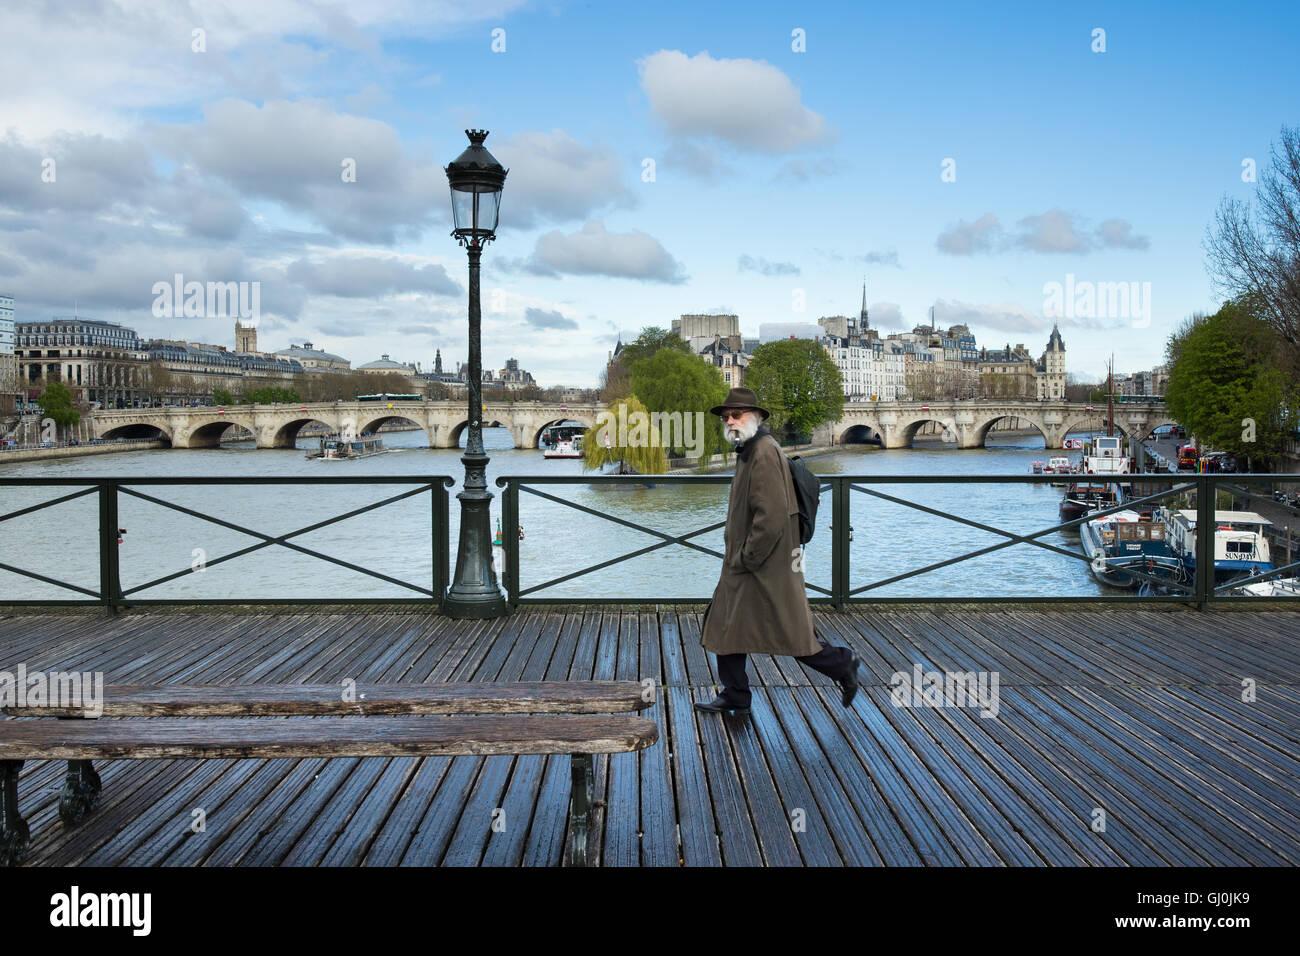 a man on the Pont des Arts, Paris, France - Stock Image